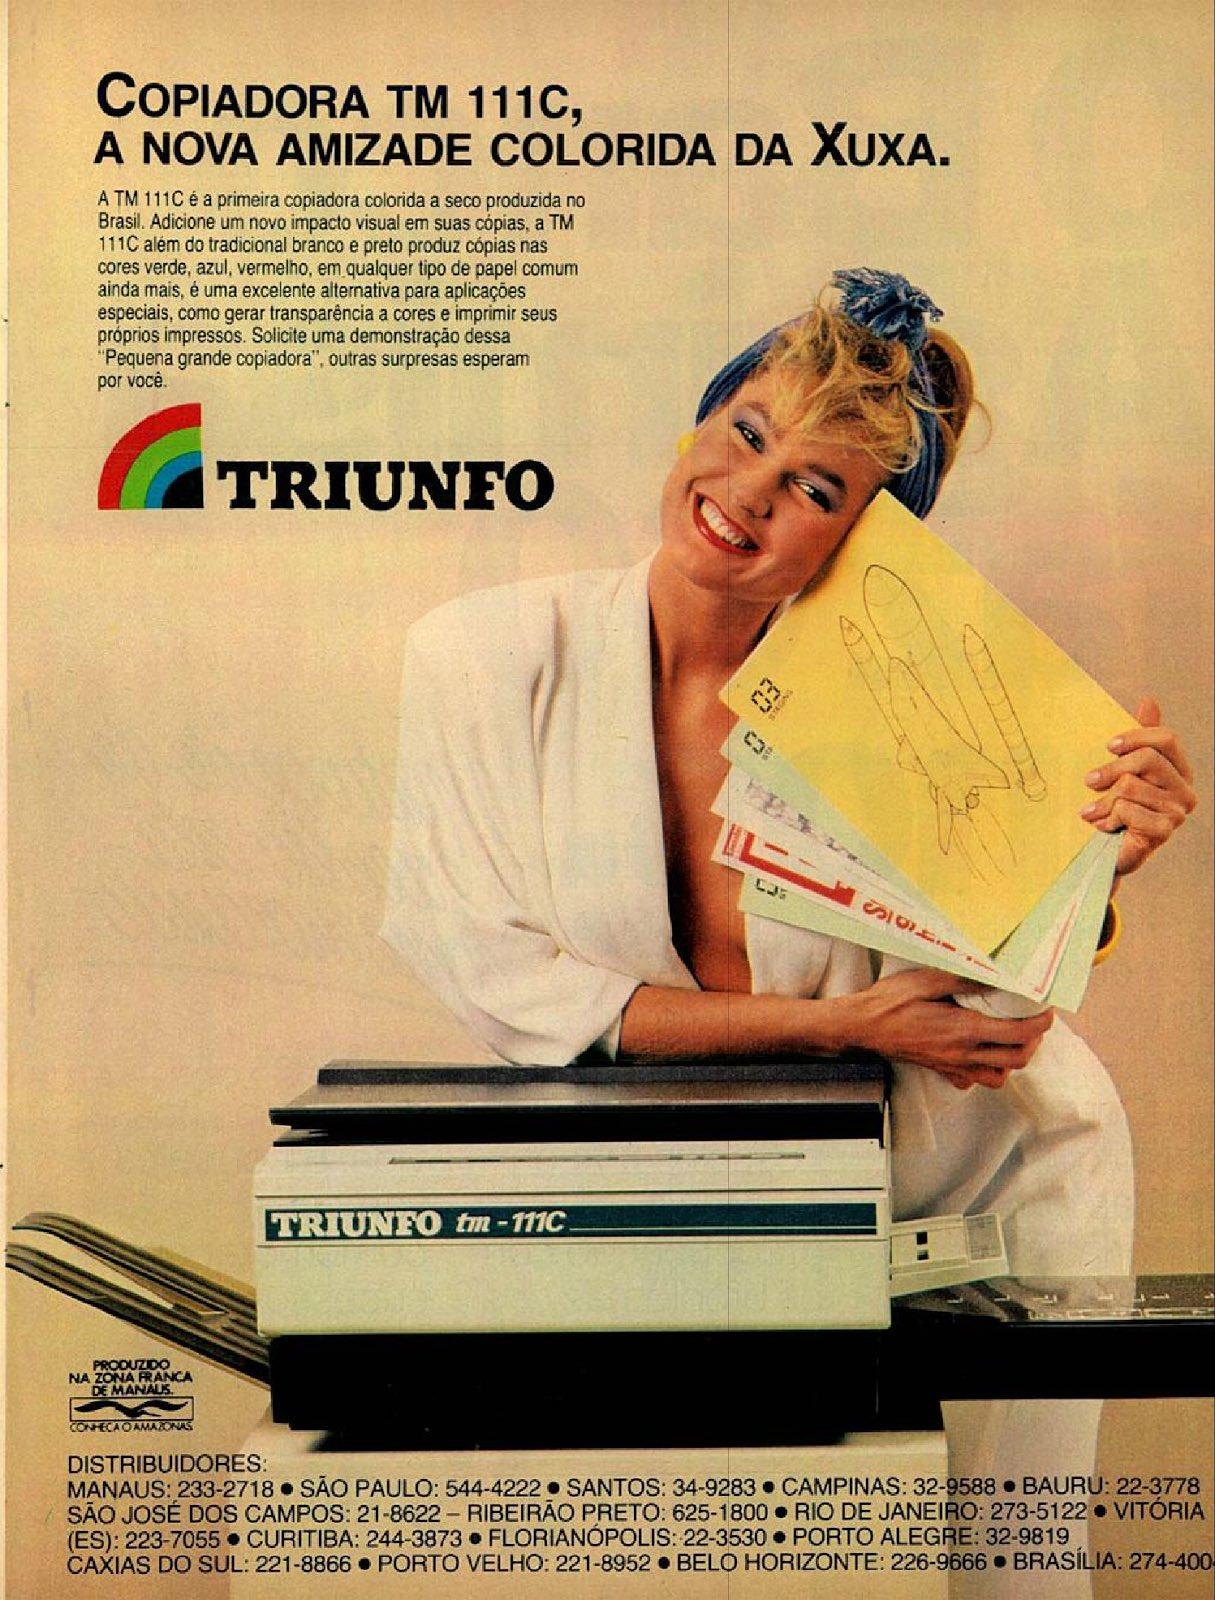 Propaganda de 1986 das copiadoras coloridas da marca Triunfo com a Xuxa como garota propaganda